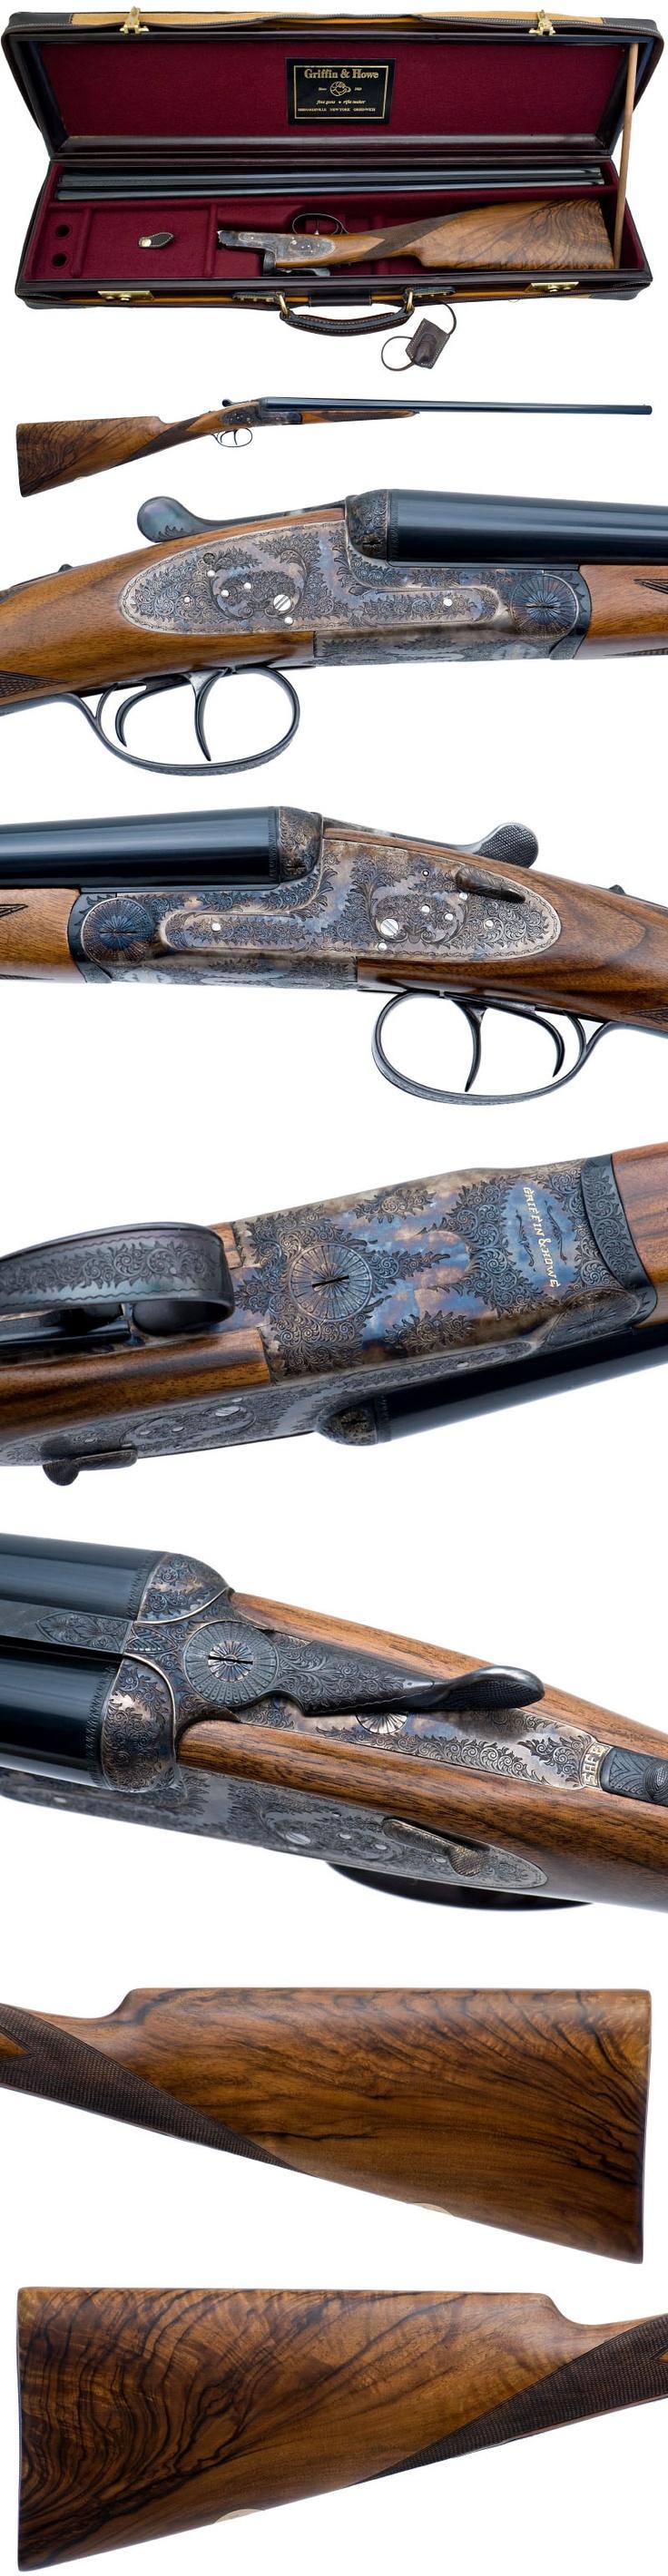 Griffin & Howe - Gun Details Page  Griffin & Howe - Round Body Game Gun - 20 ga - $7,500.00